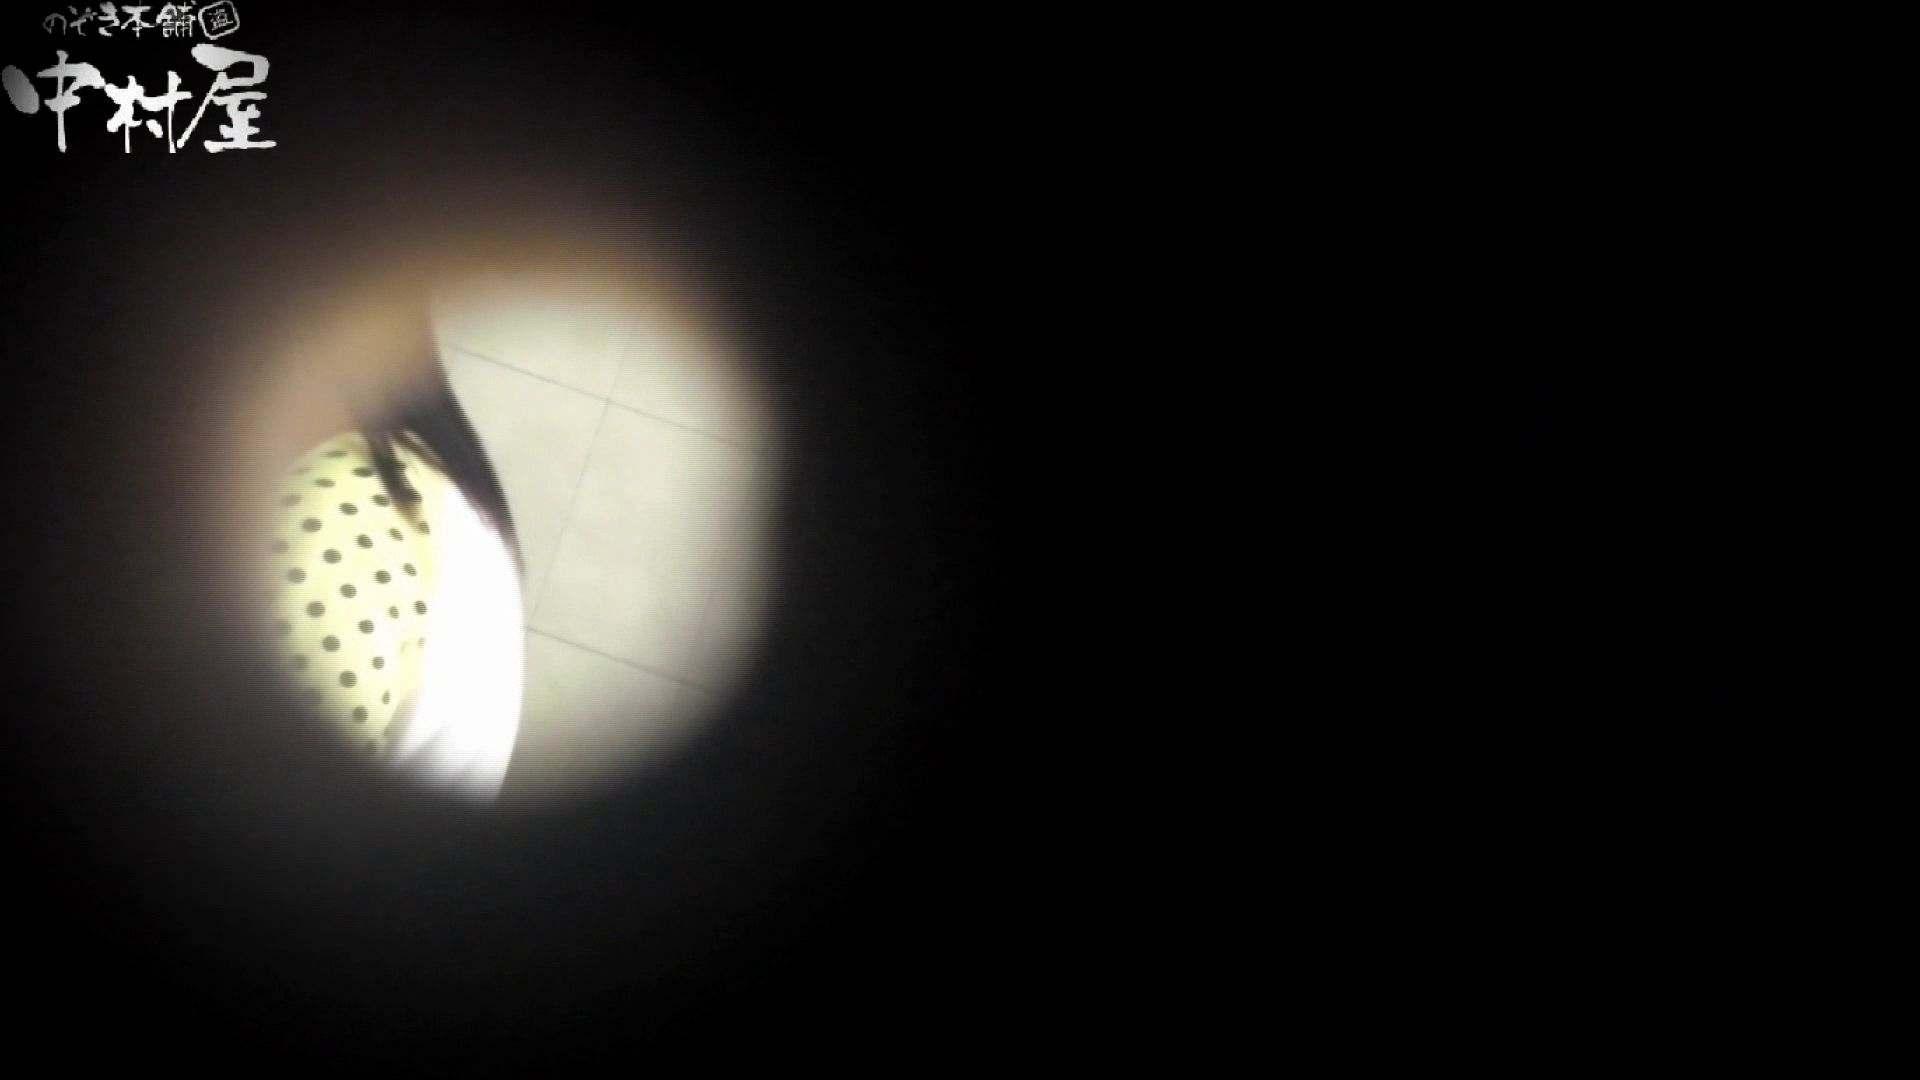 世界の射窓から vol.45 尻出しスマホ 前編 洗面所編 | 0  102PIX 85